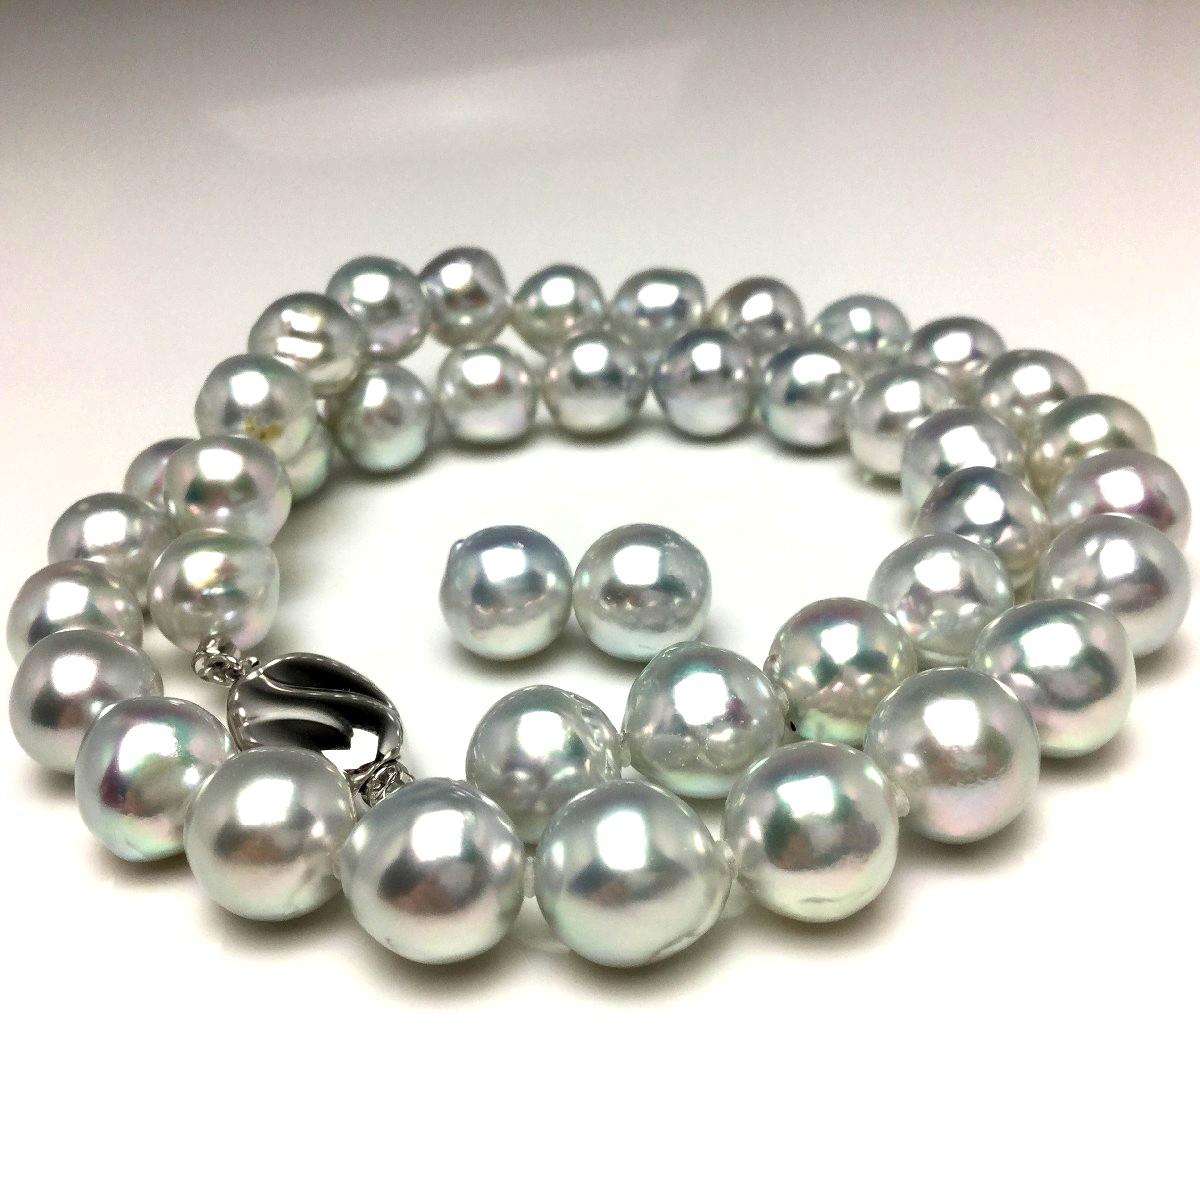 真珠 ネックレス パール ナチュラルカラー アコヤ真珠 イヤリング or ピアス セット 9.0-10.0mm シルバーブルー(ナチュラル) シルバー クラスップ 67159 イソワパール